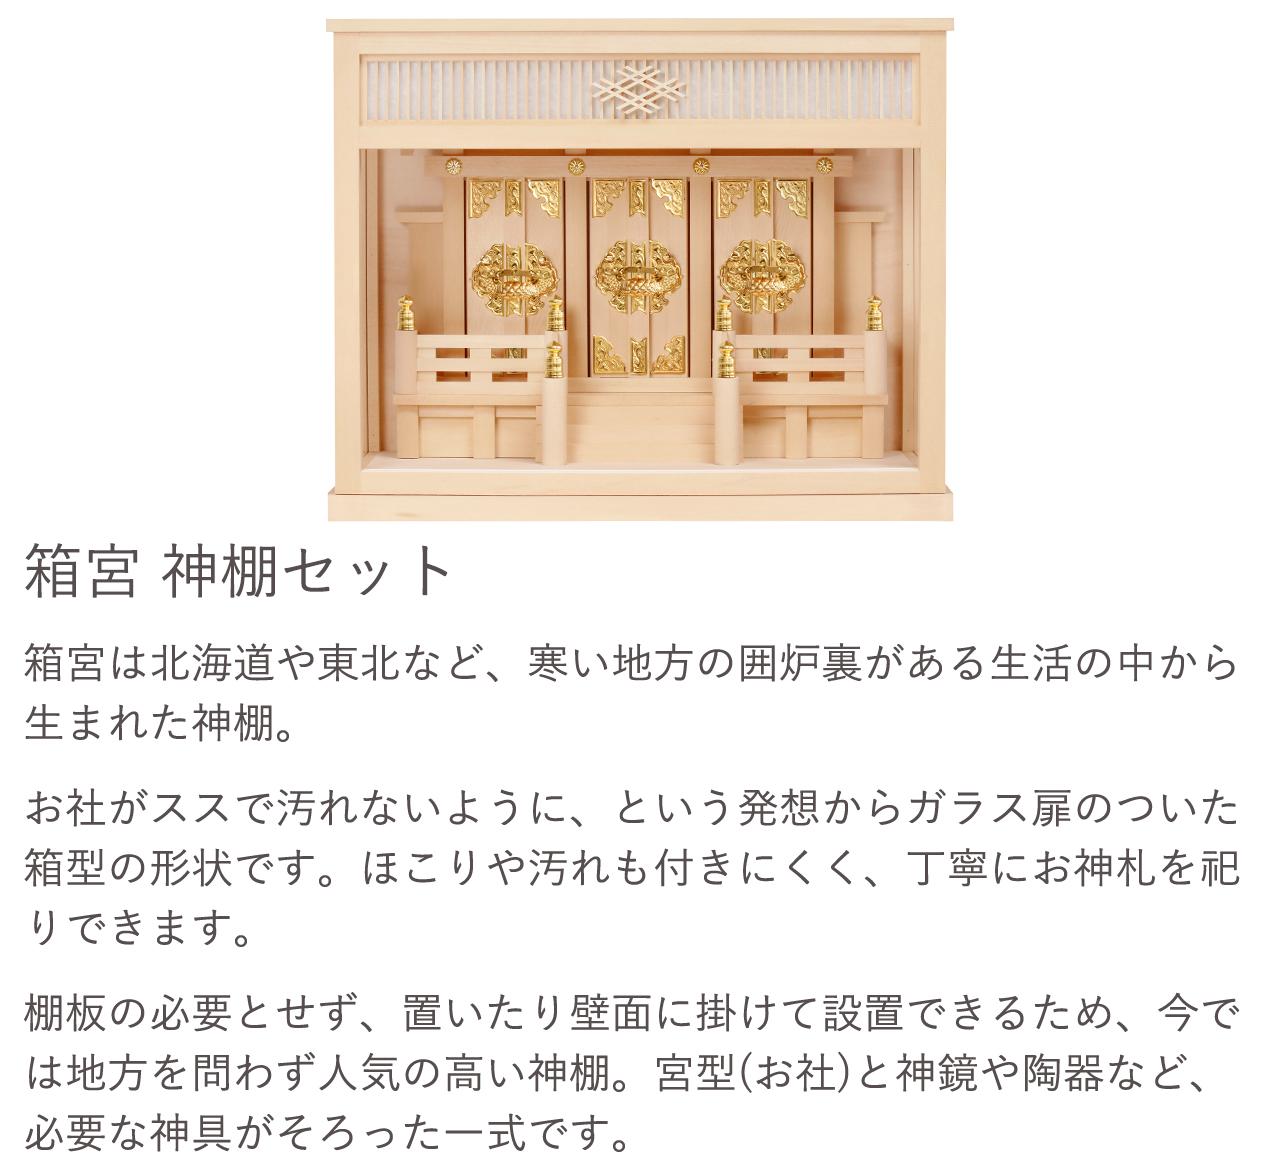 箱宮 神棚セット。箱宮はお社がススで汚れないように、という発想からガラス扉のついた箱型の形状です。ほこりや汚れも付きにくく、丁寧にお神札を祀りできます。宮型(お社)と神鏡や陶器など、必要な神具がそろった一式です。